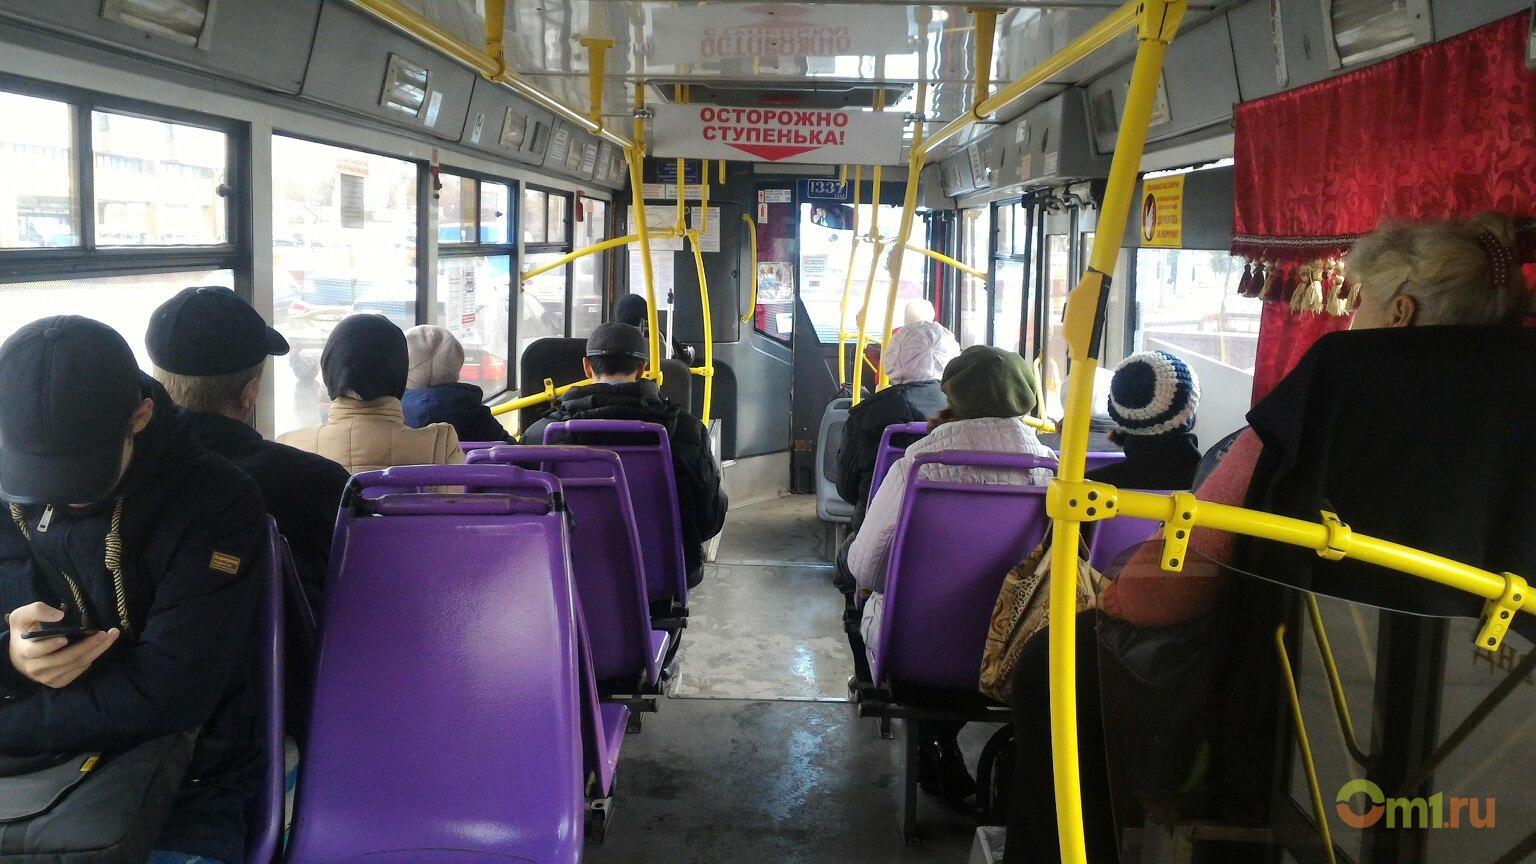 Тариф на городские транспортировки вОмске может повыситься на33%